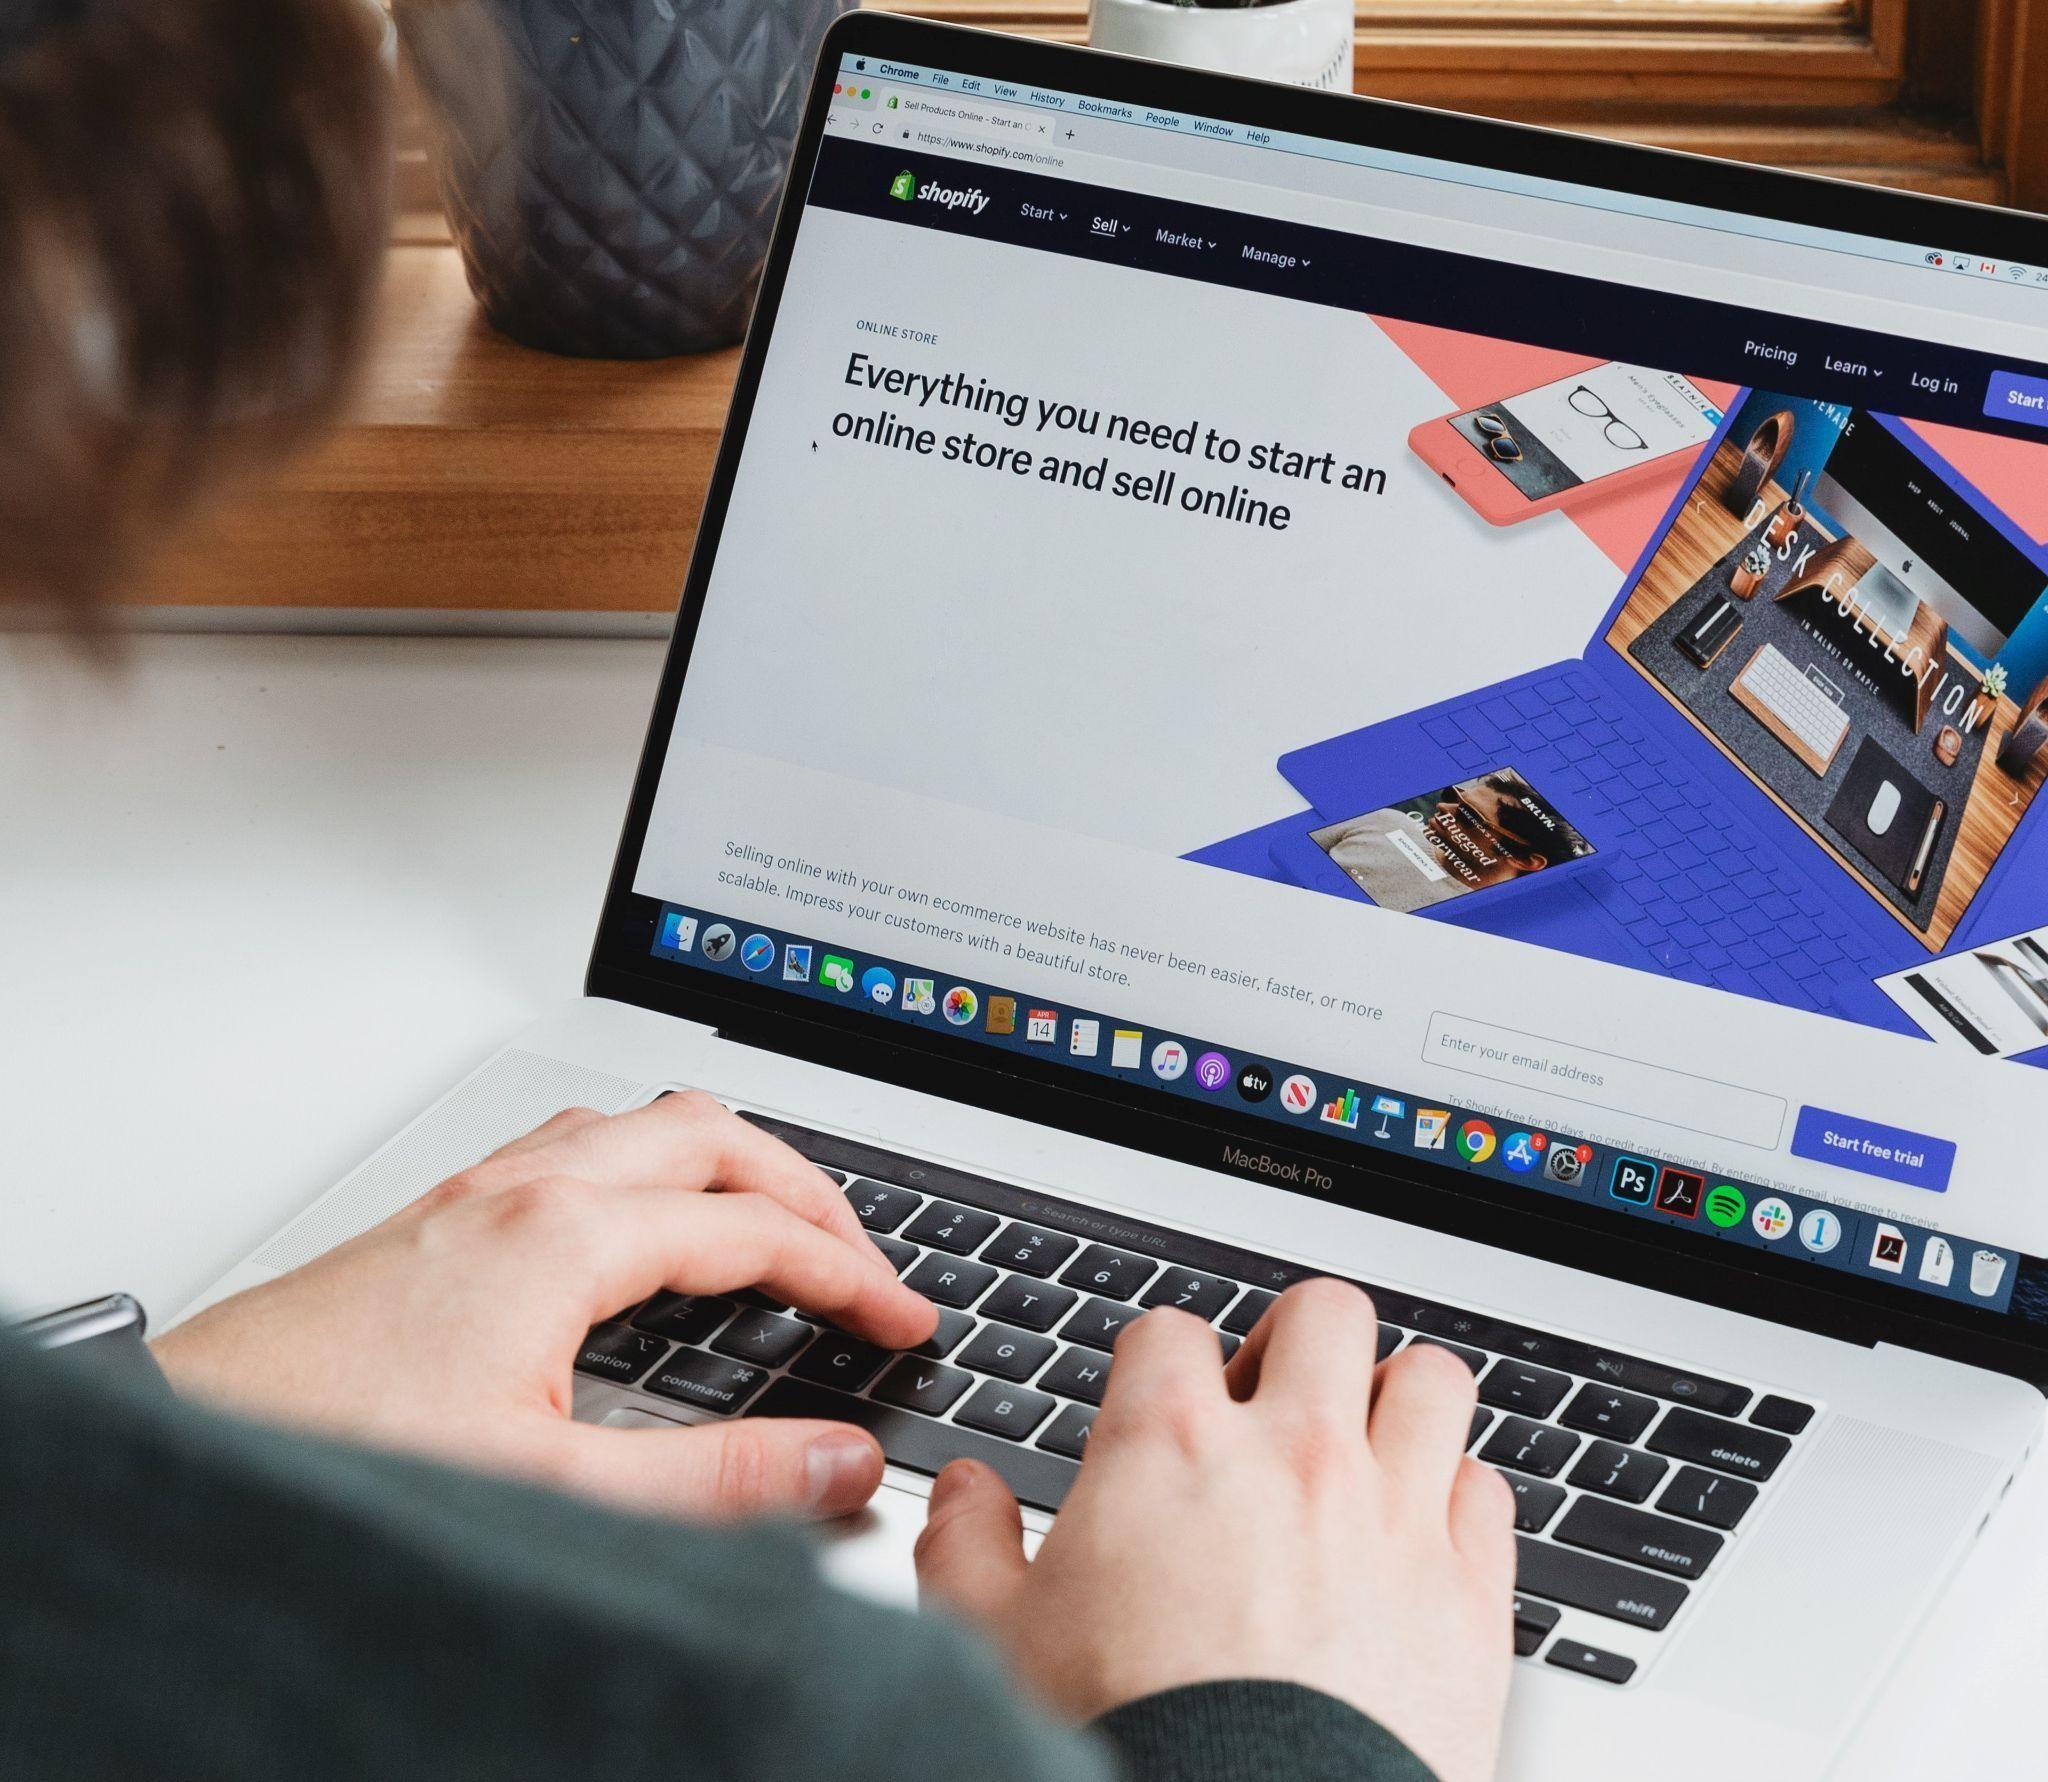 5 Perangkat Lunak Keranjang Belanja Teratas Untuk Situs Web eCommerce Pada Tahun 2021